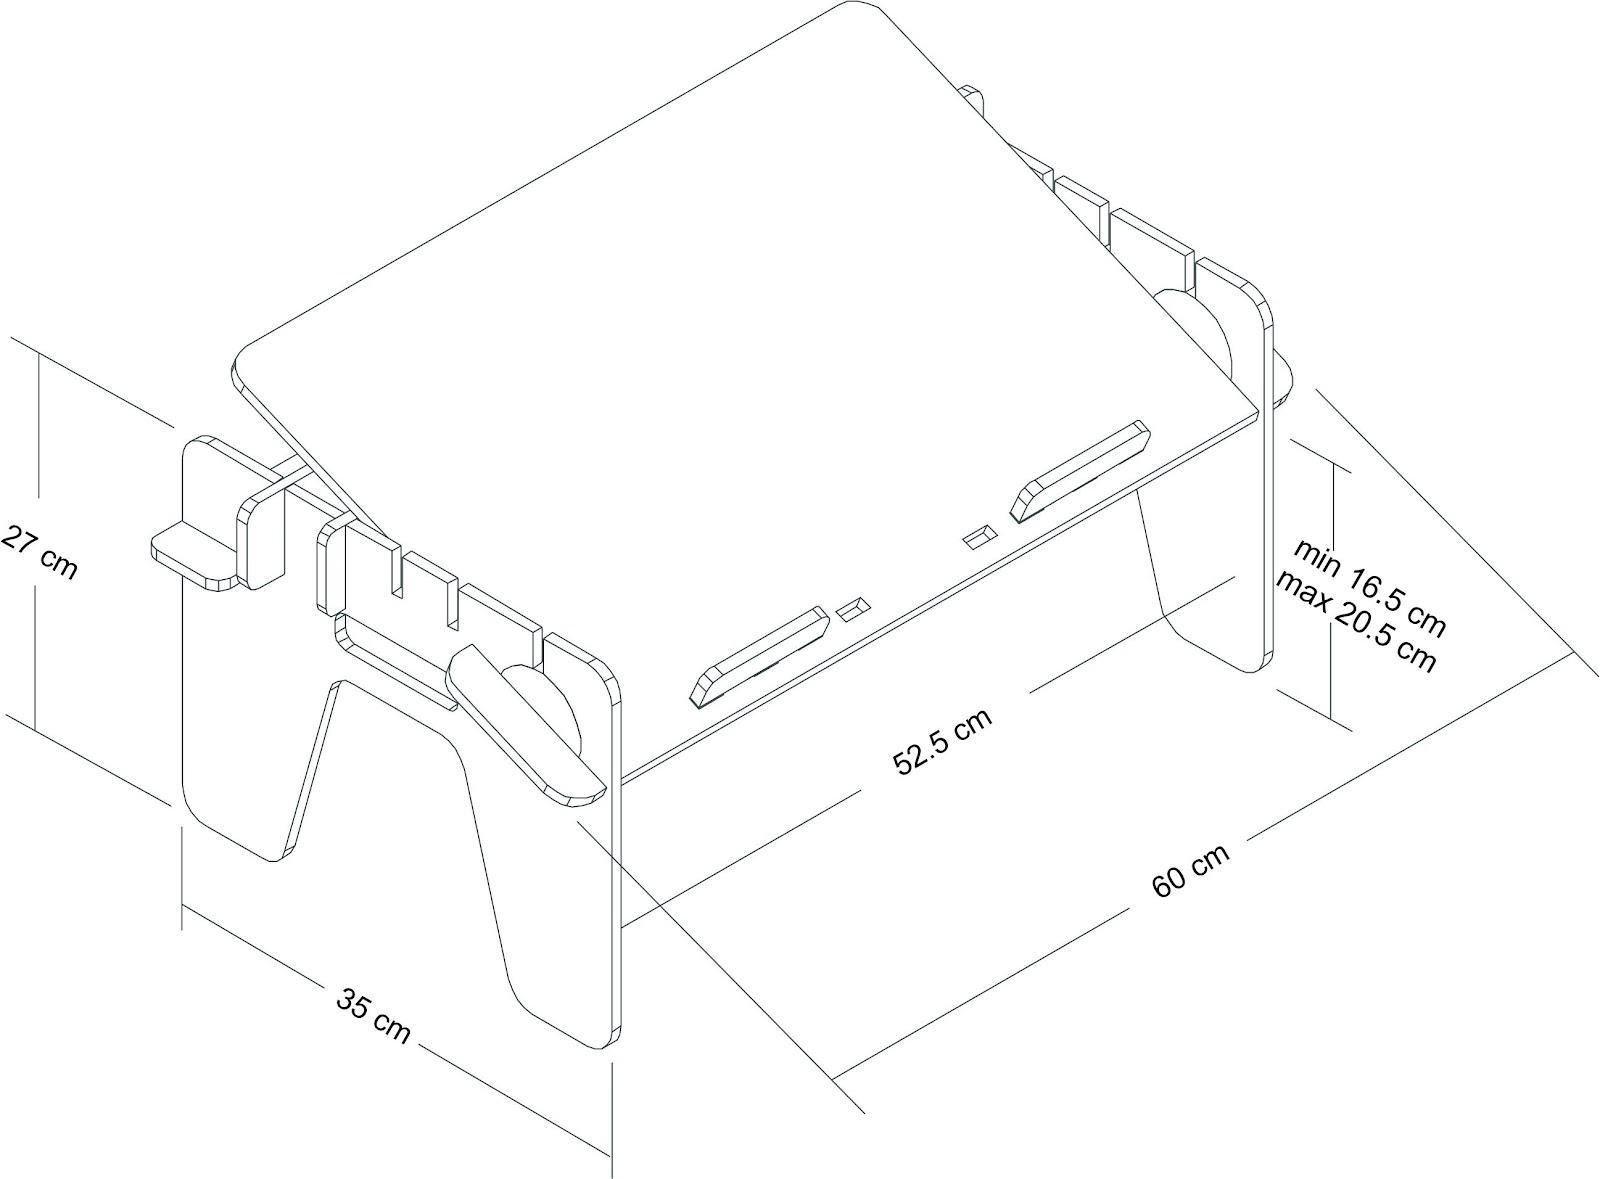 столик для ноутбука схема